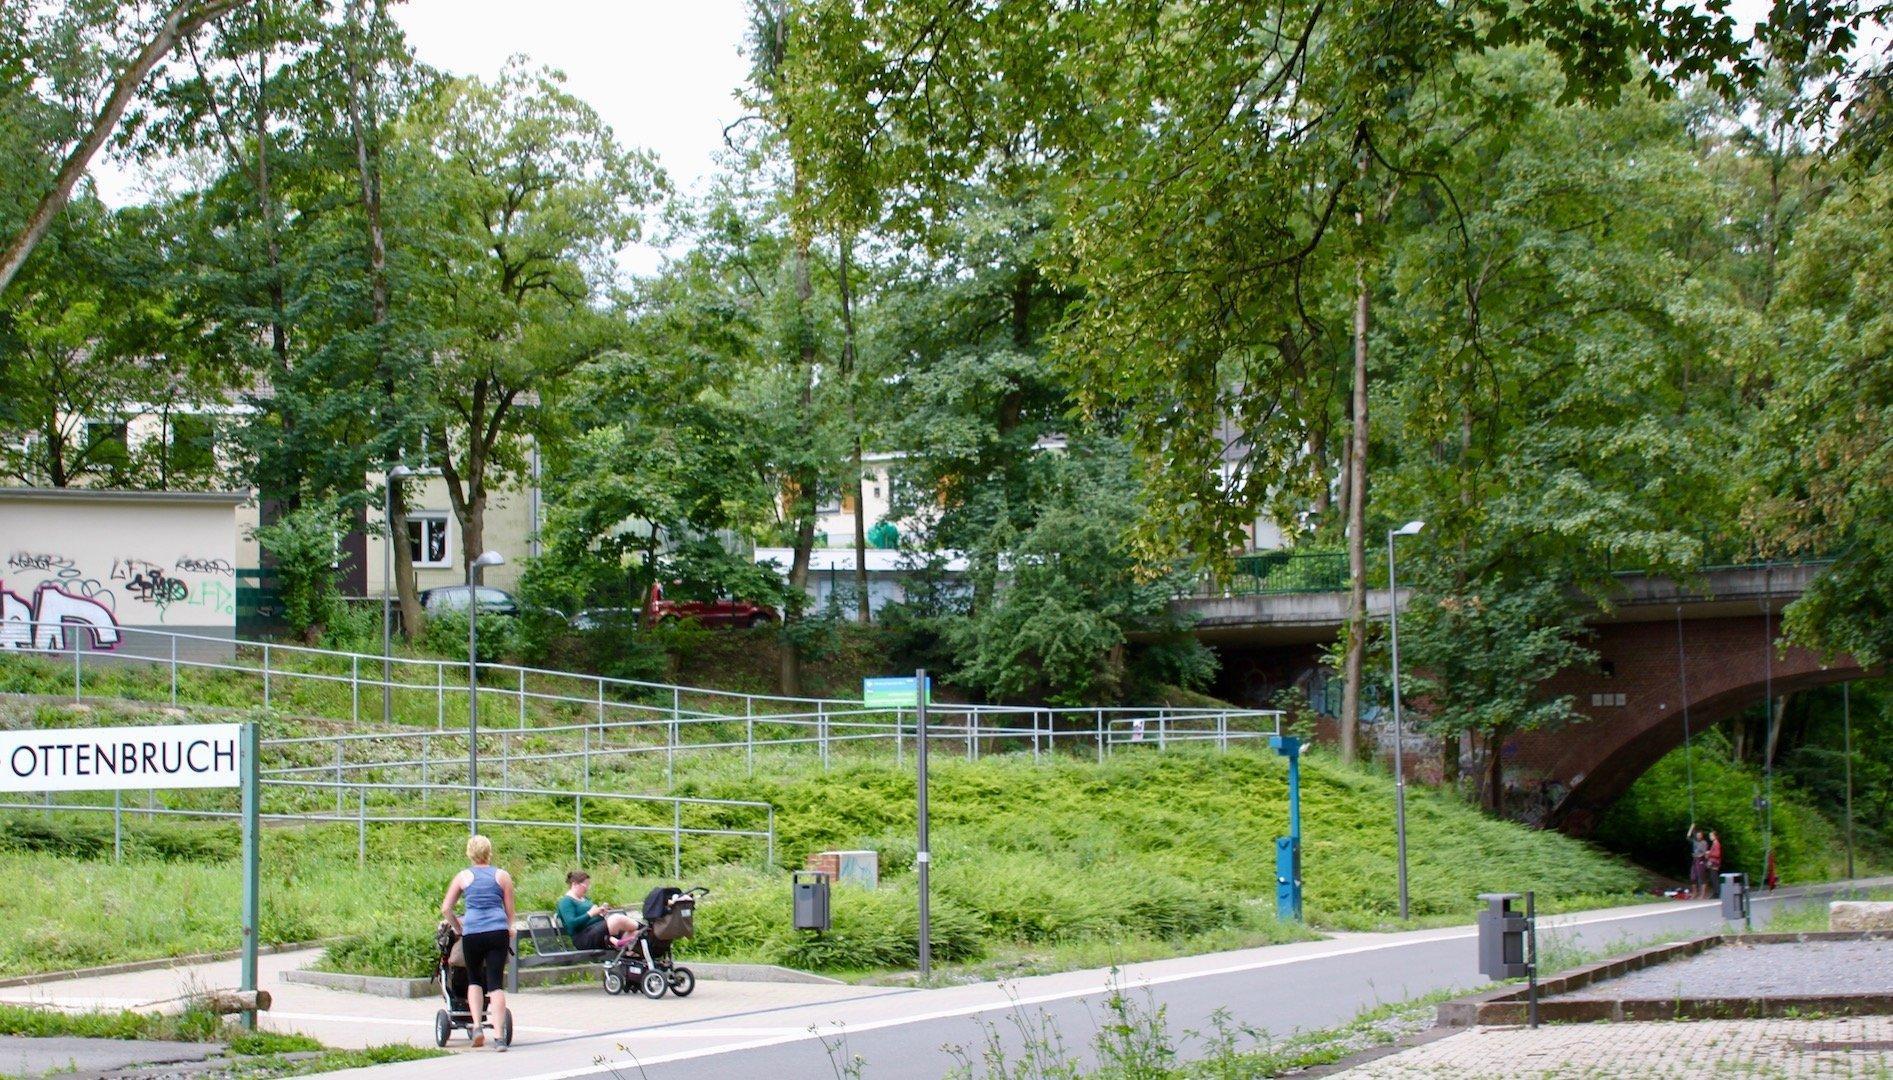 An der Trasse ist viel grünes Buschwerk zu sehen. Zwei Menschen mit Kinderwägen sind zu sehen.